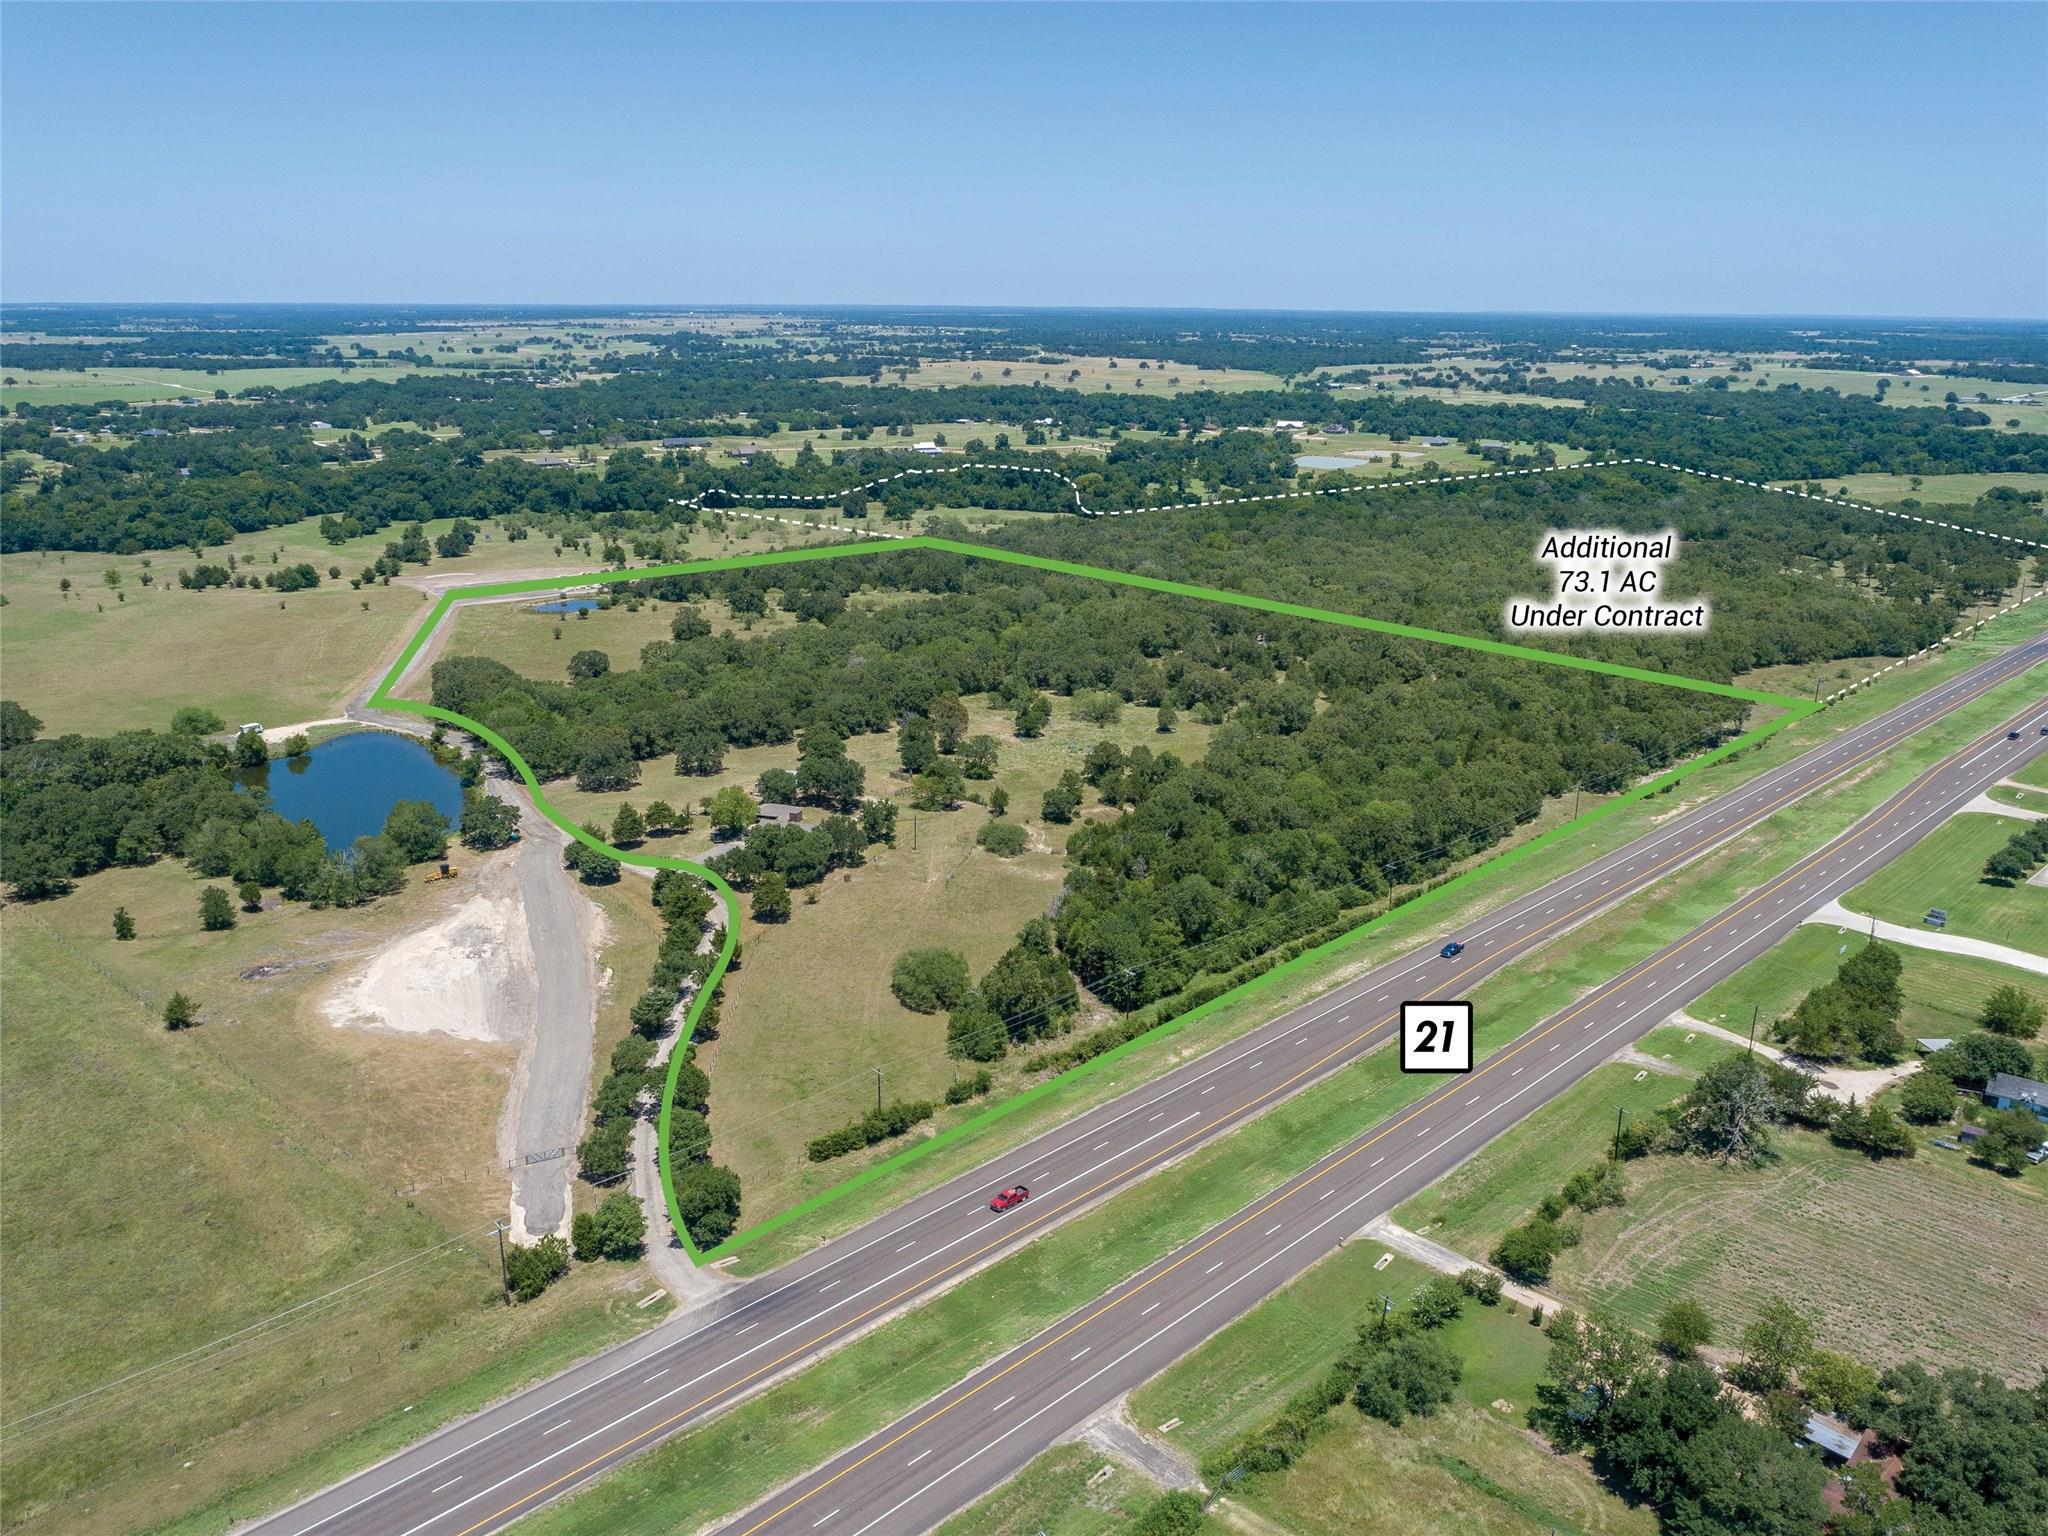 7359 E Sh-21 Property Photo - Bryan, TX real estate listing